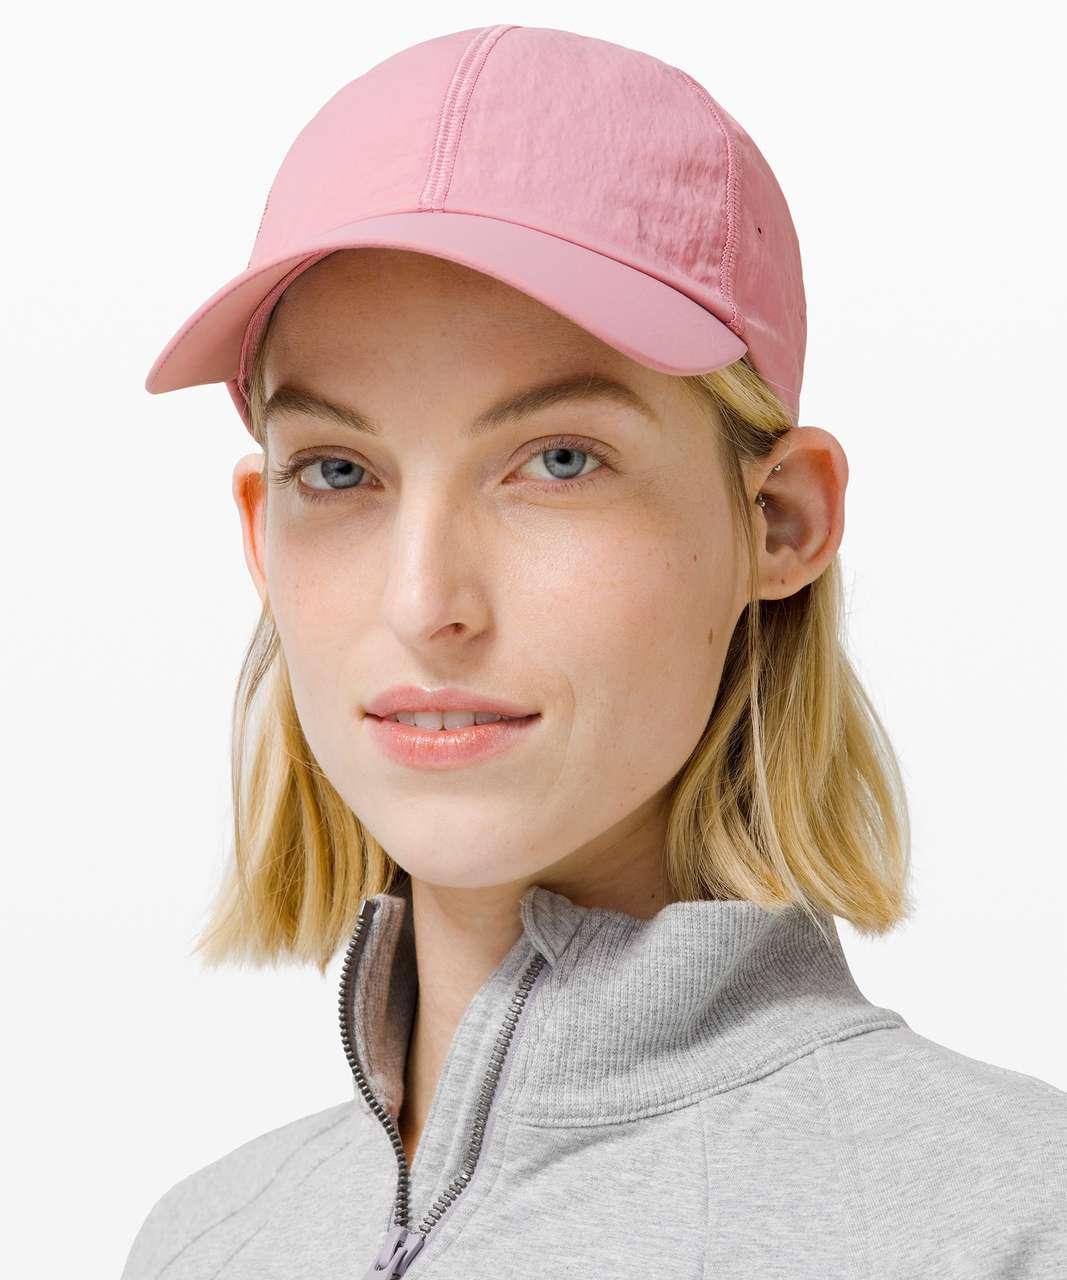 Lululemon Baller Hat II *Soft - Pink Taupe